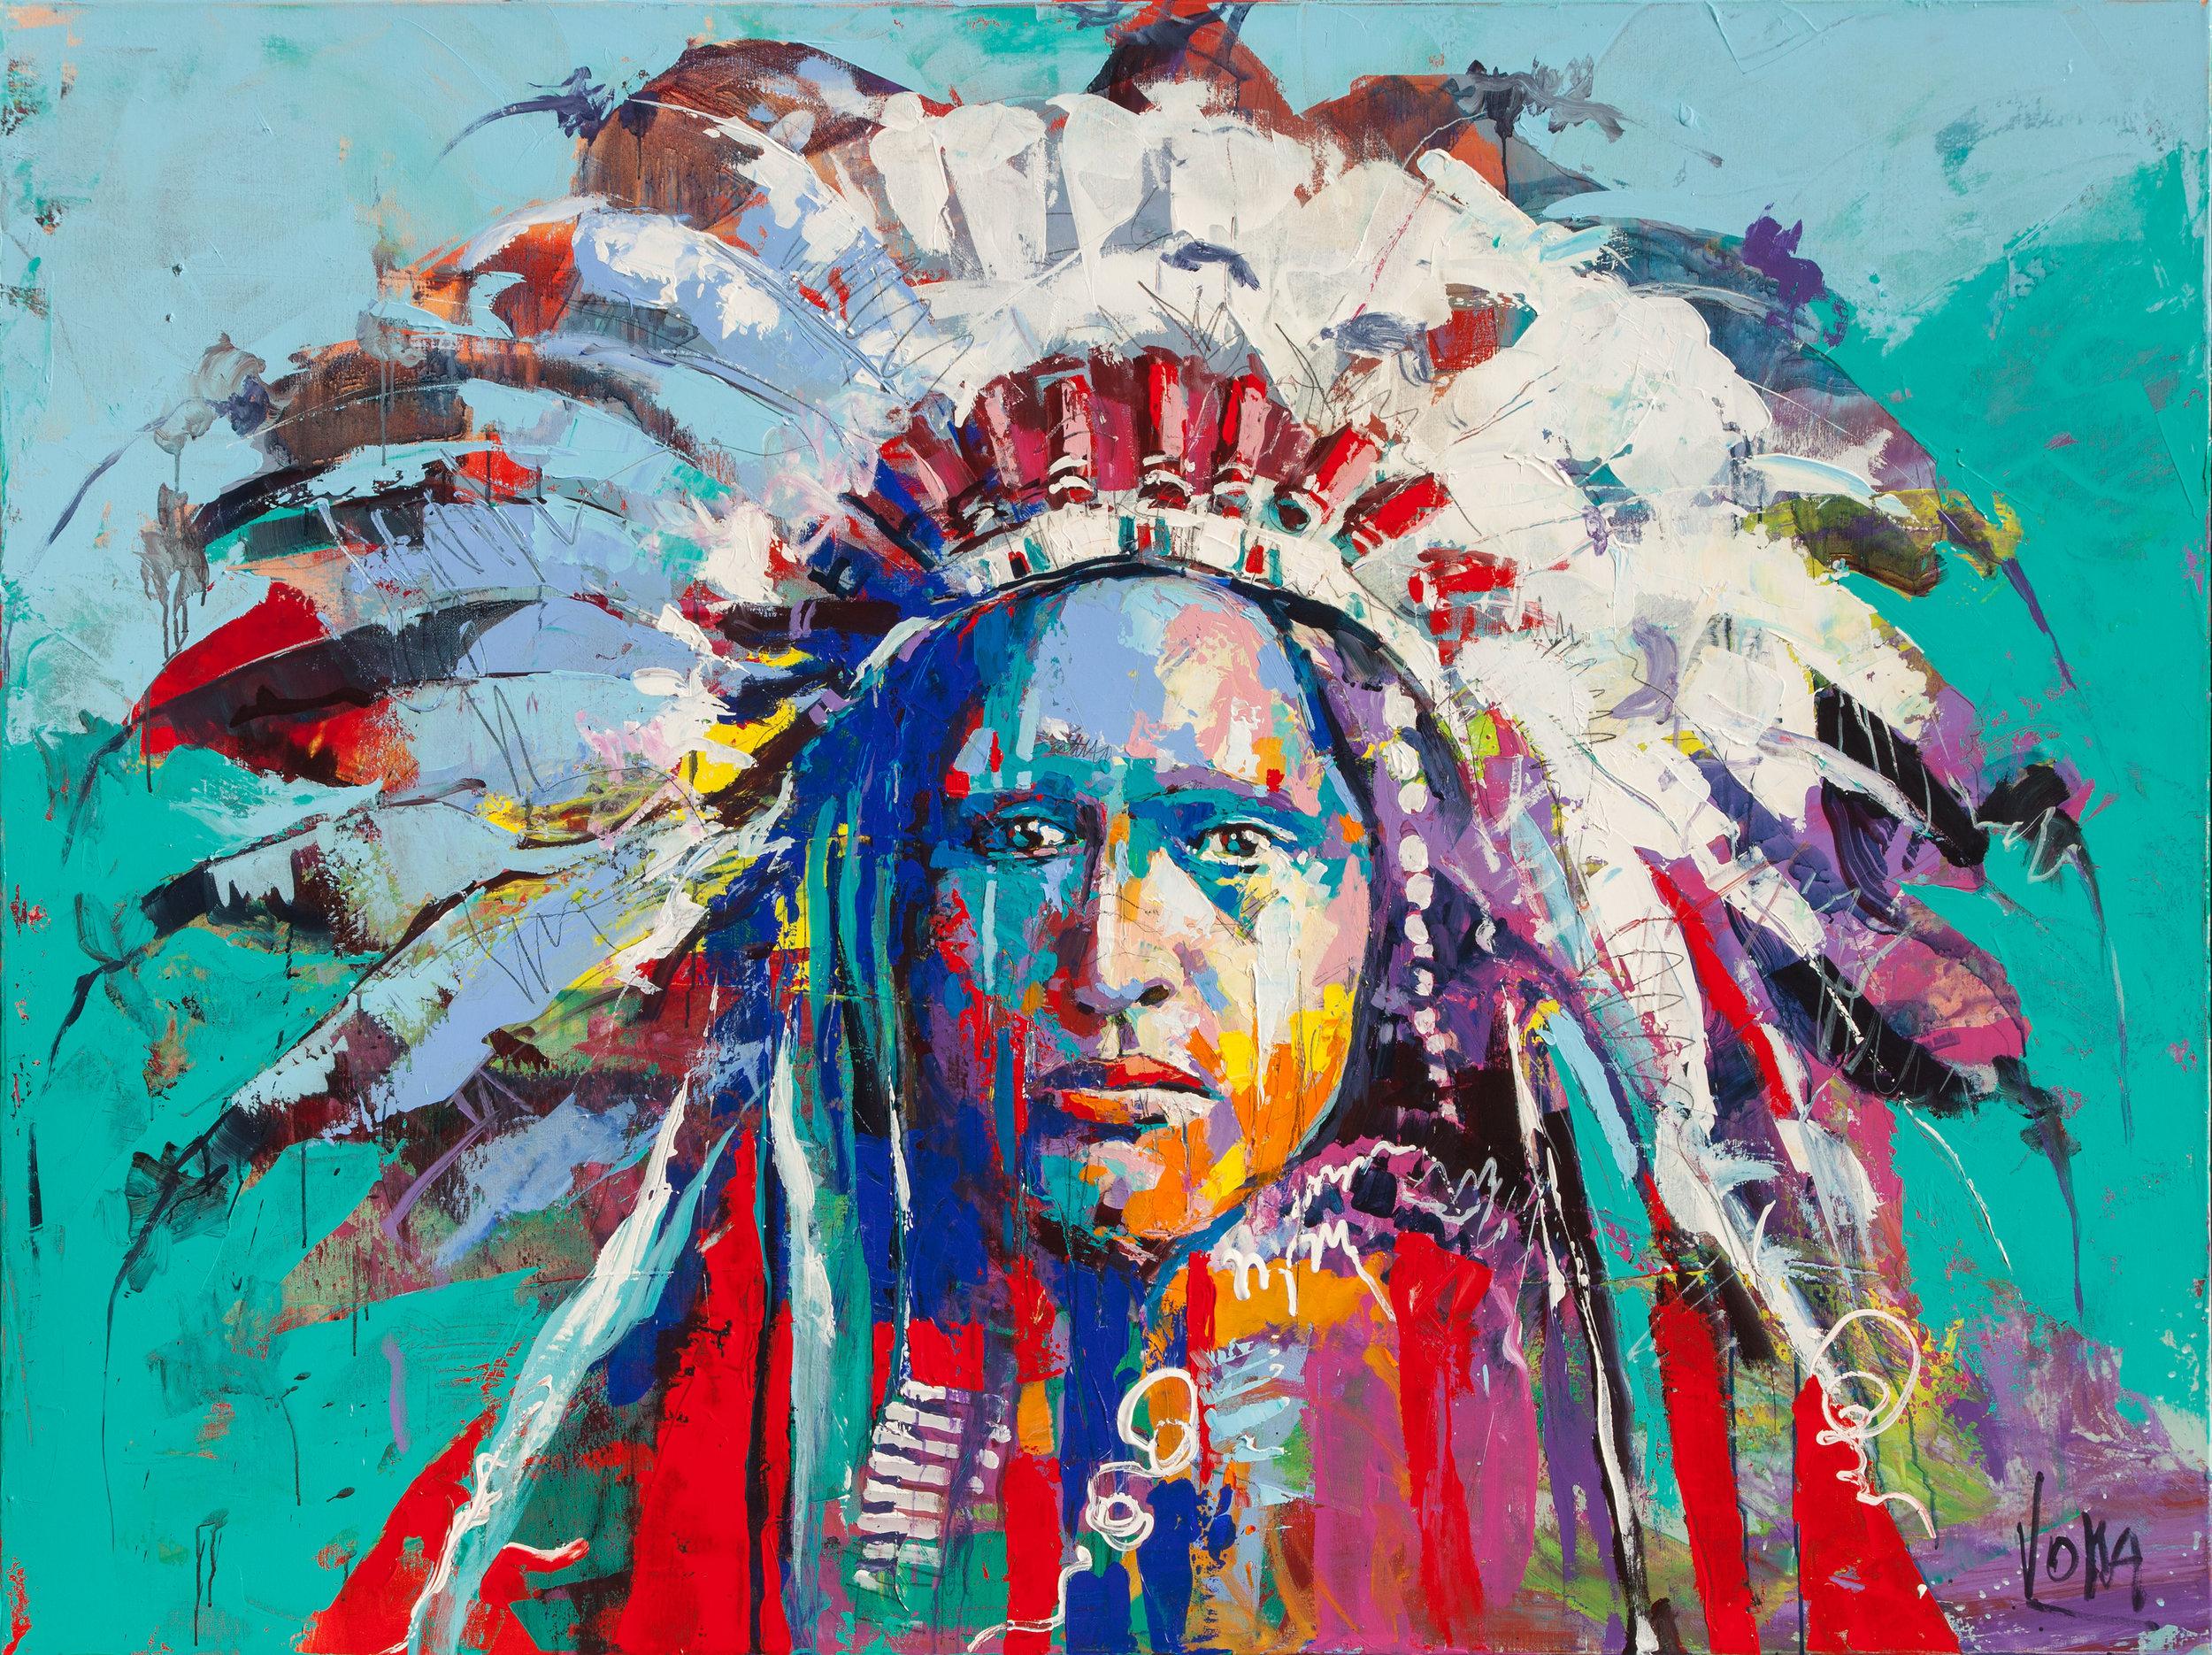 Nativ American, 150x200 cm/59,1x78,7 inch, Acrylic on Canvas